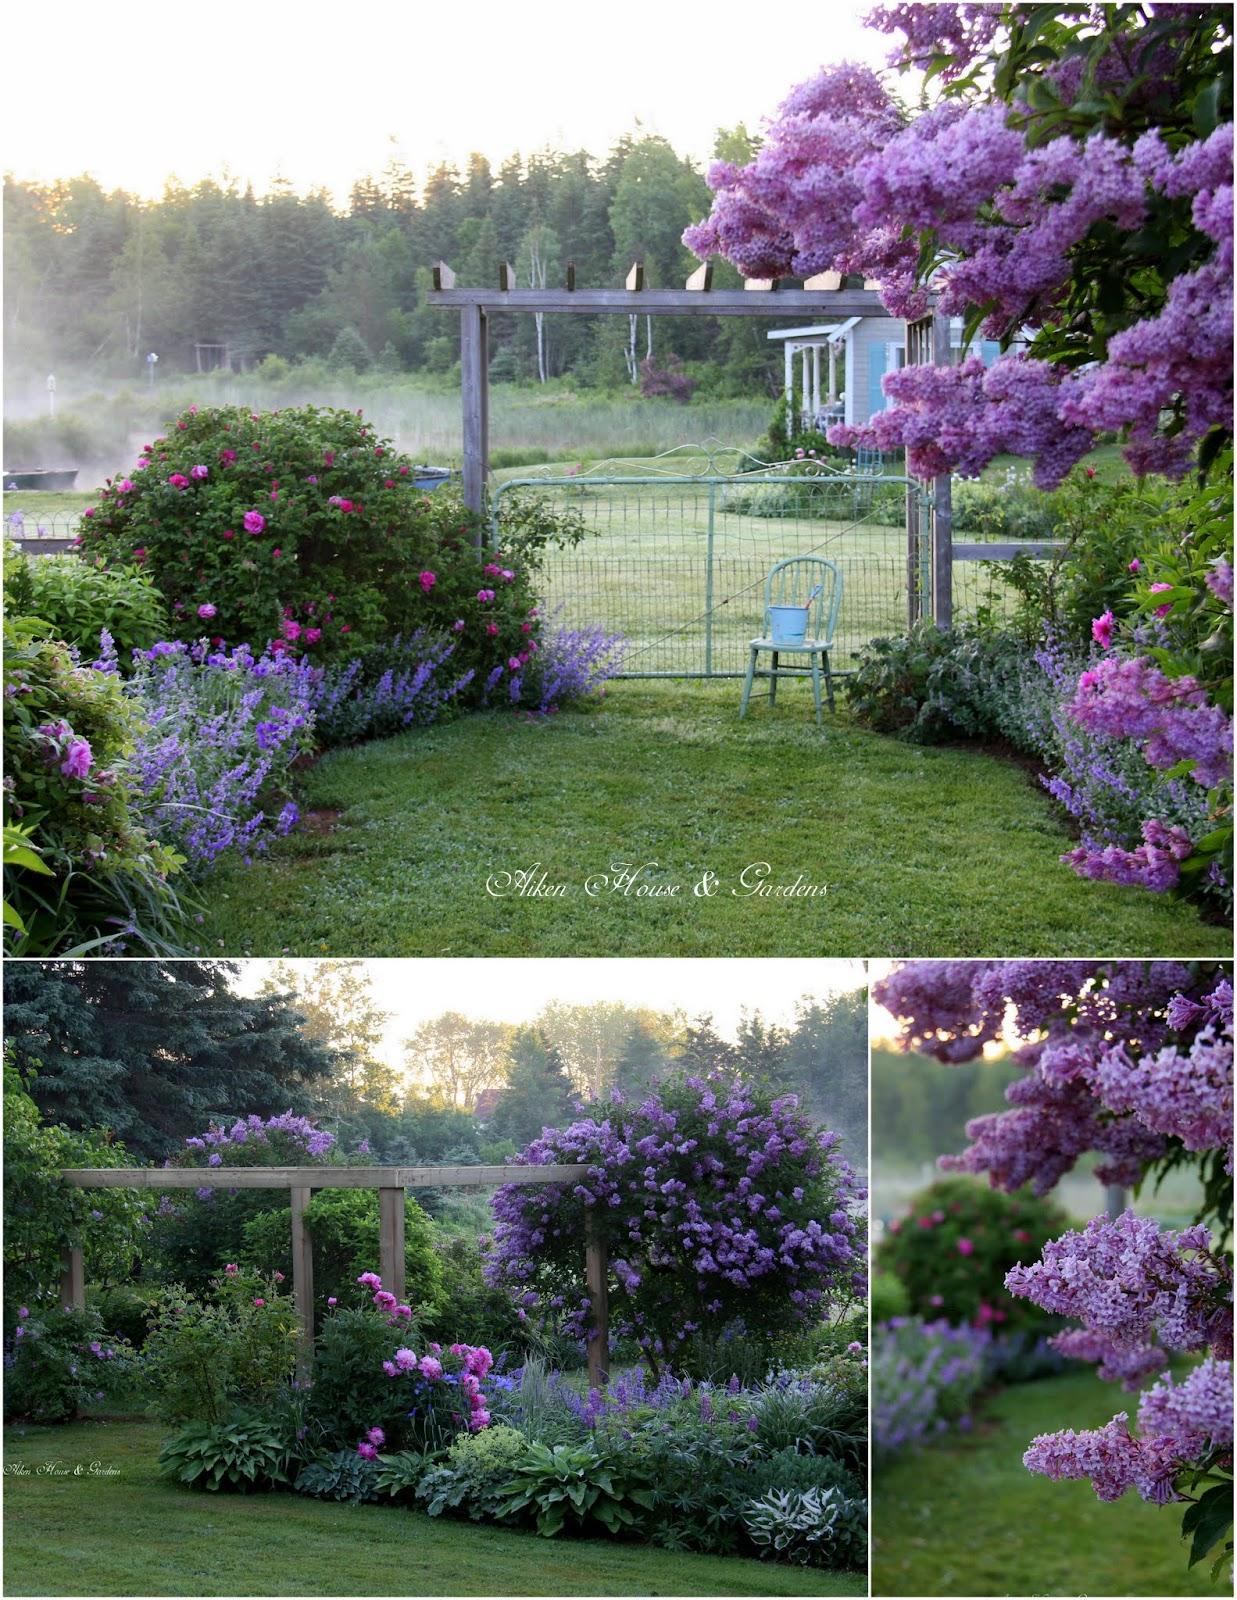 Aiken house gardens a misty morn in the garden for Aiken house